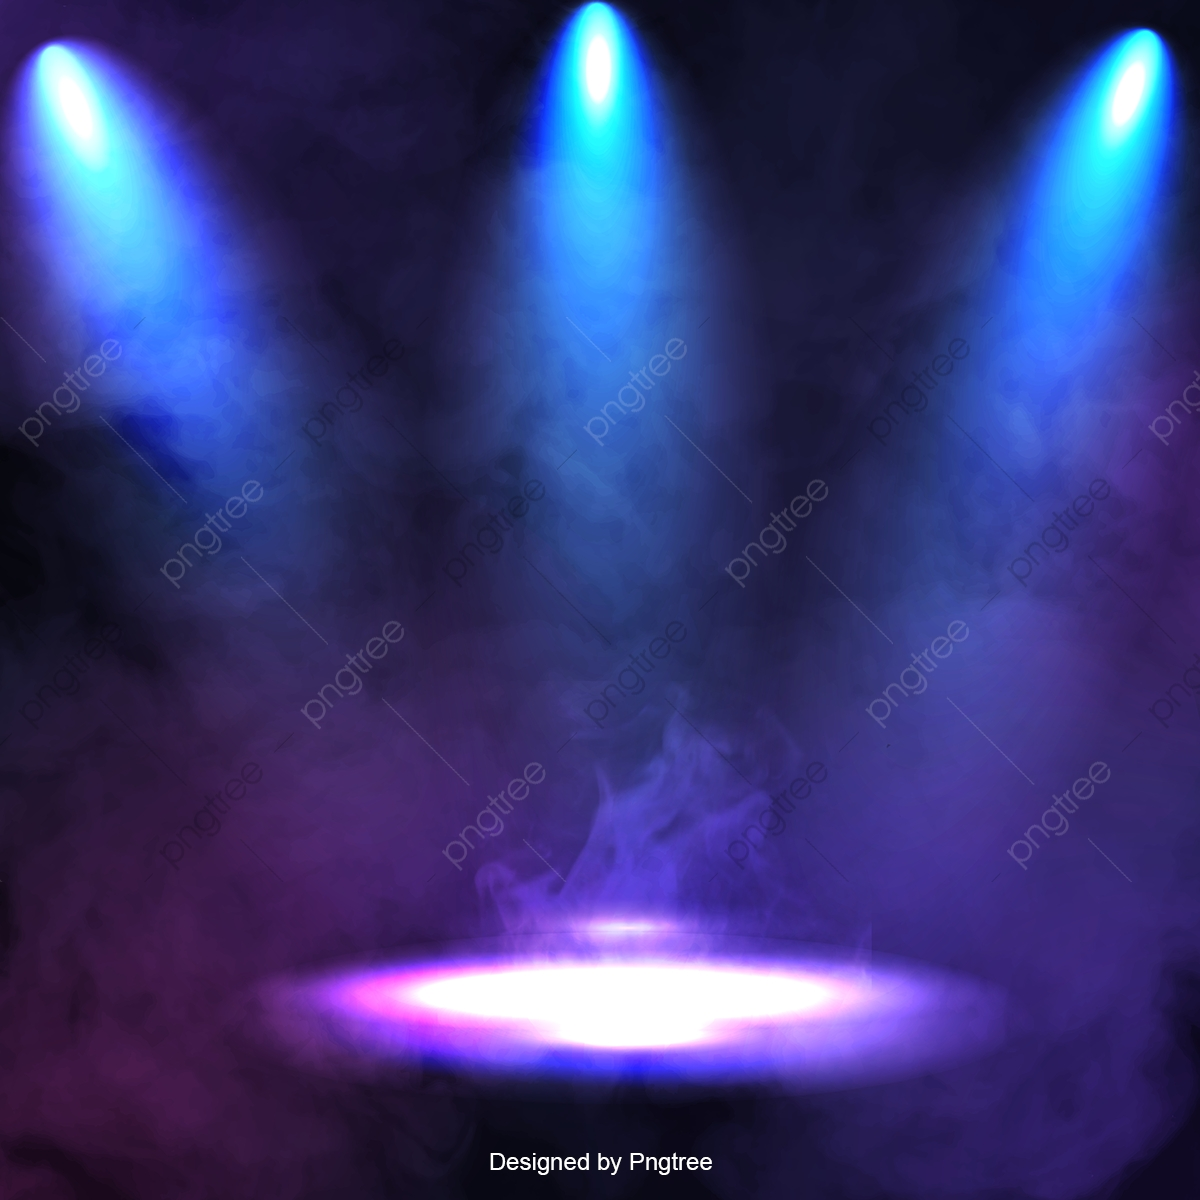 مسحوق بدا إبراء الذمة سكرابز اضاءة مسرح Ballermann 6 Org